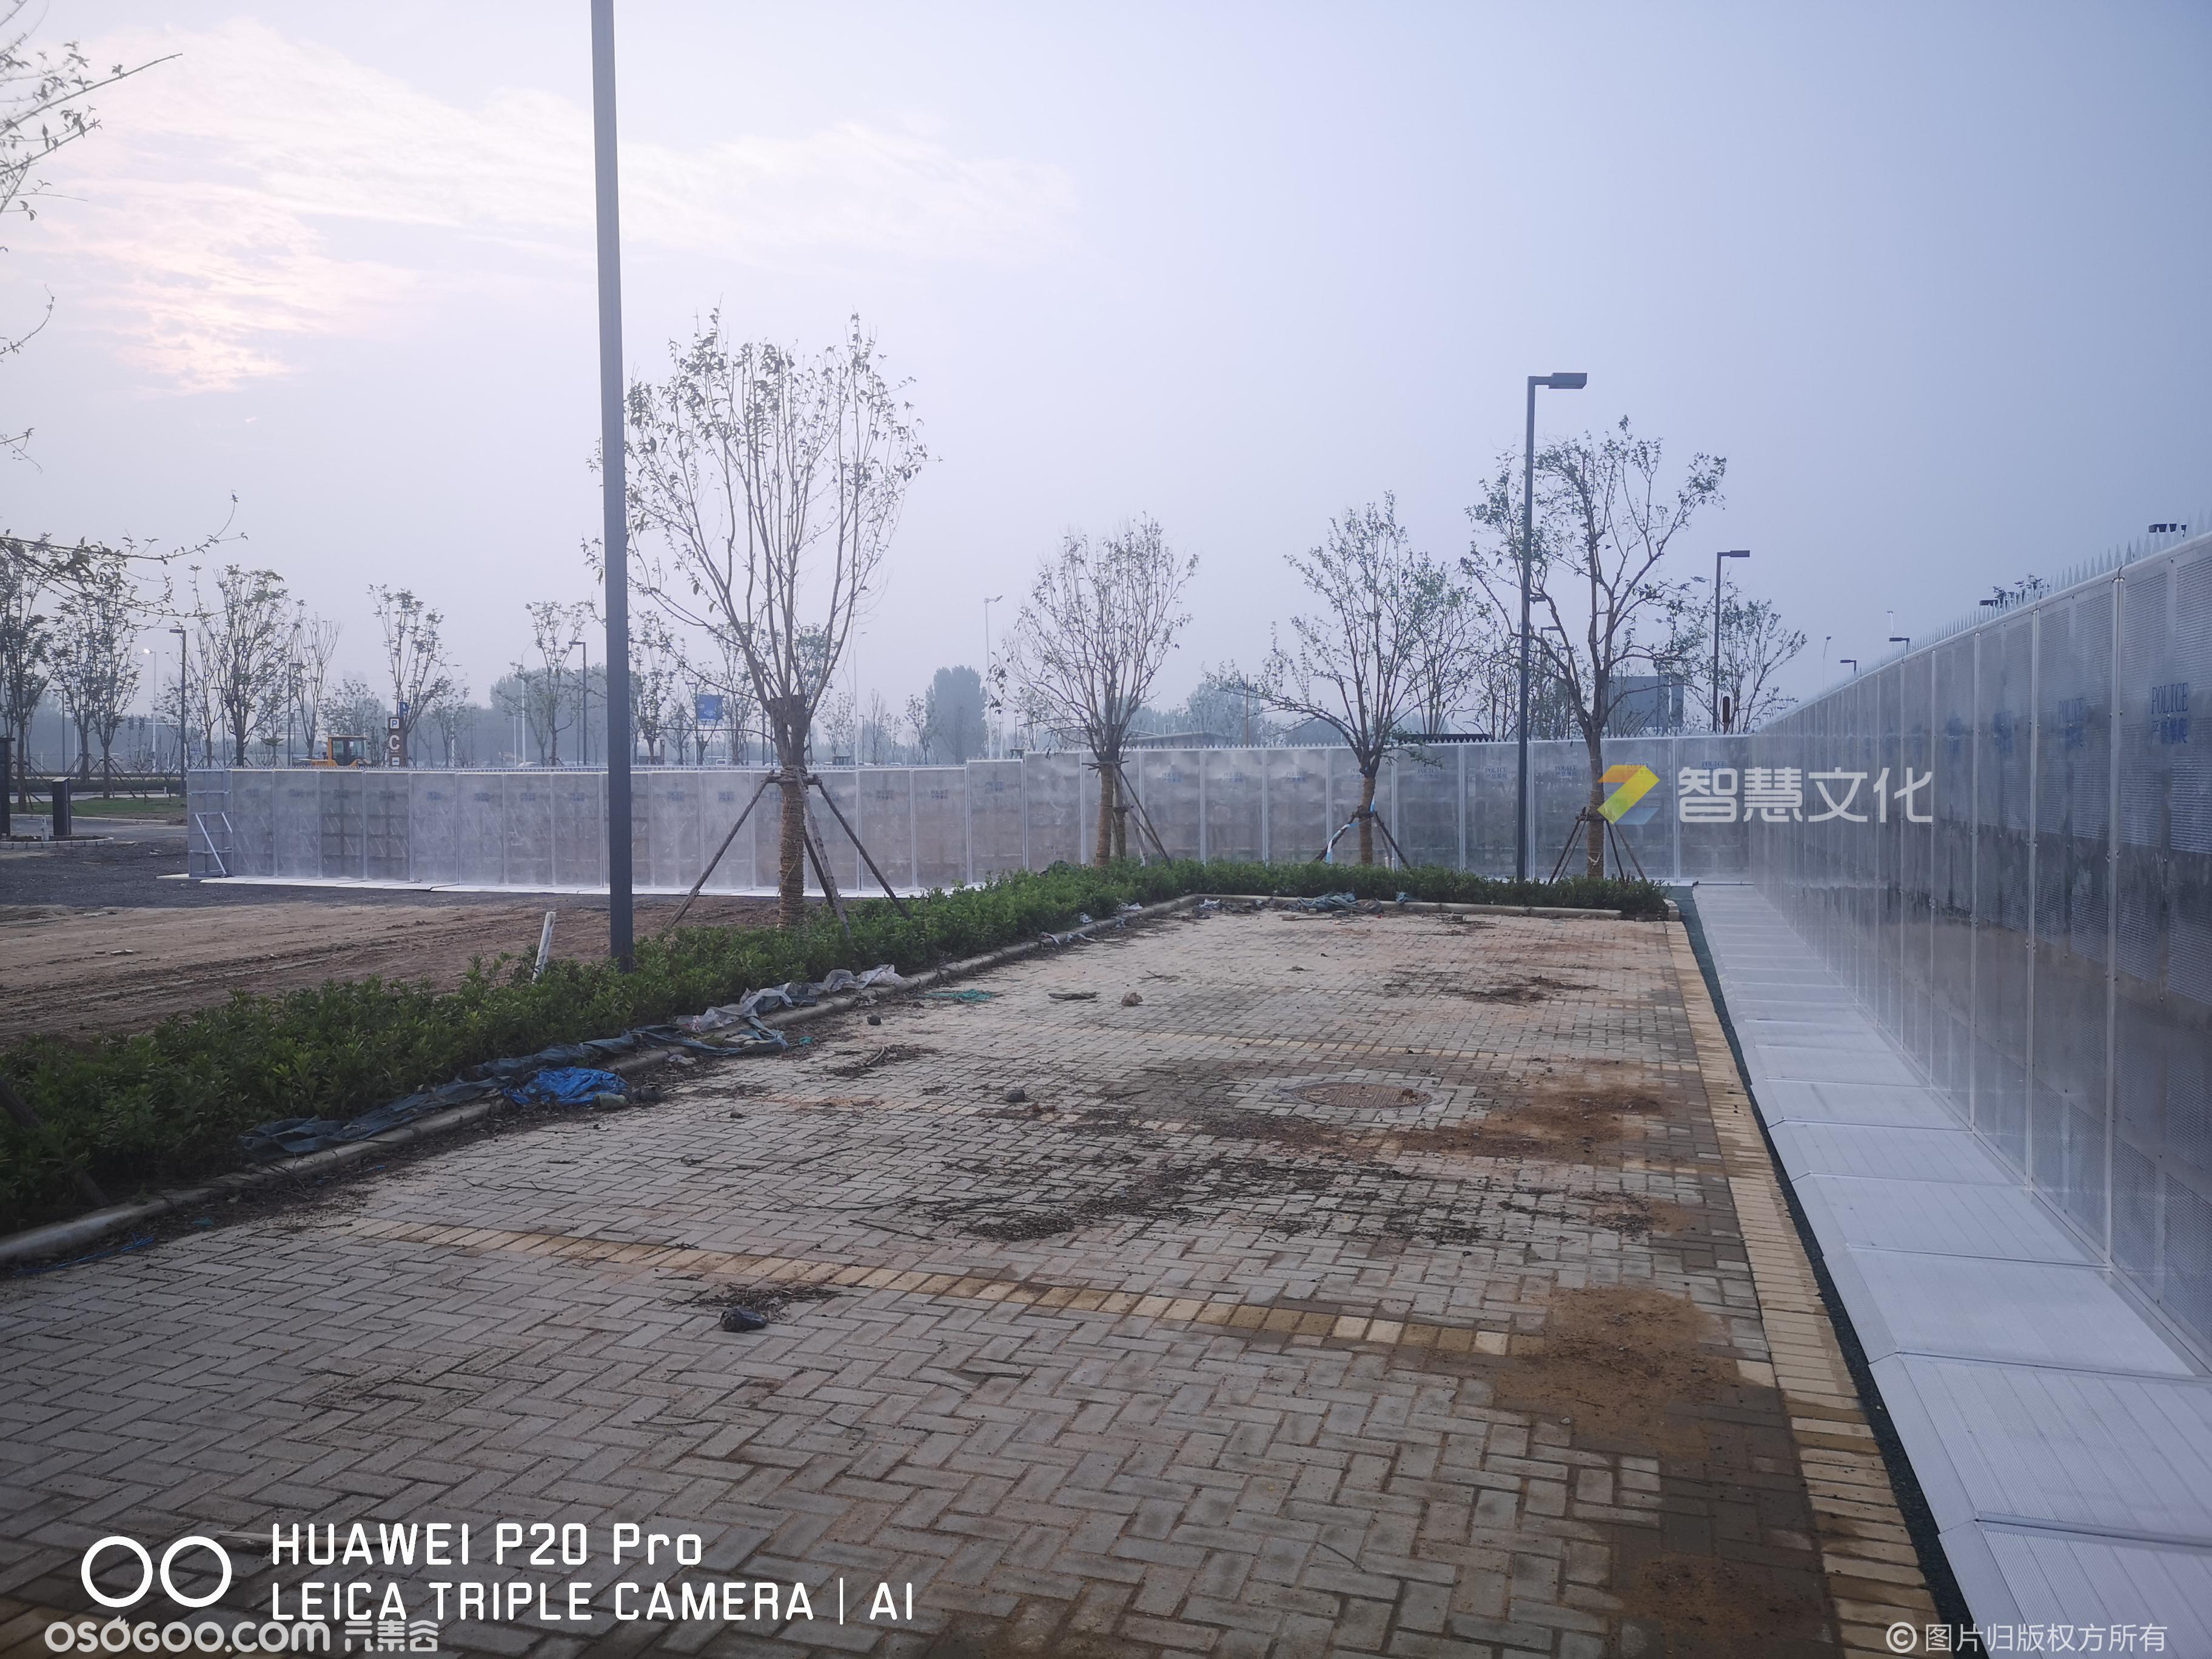 大型演唱会音乐节安防设备防暴栏防暴墙